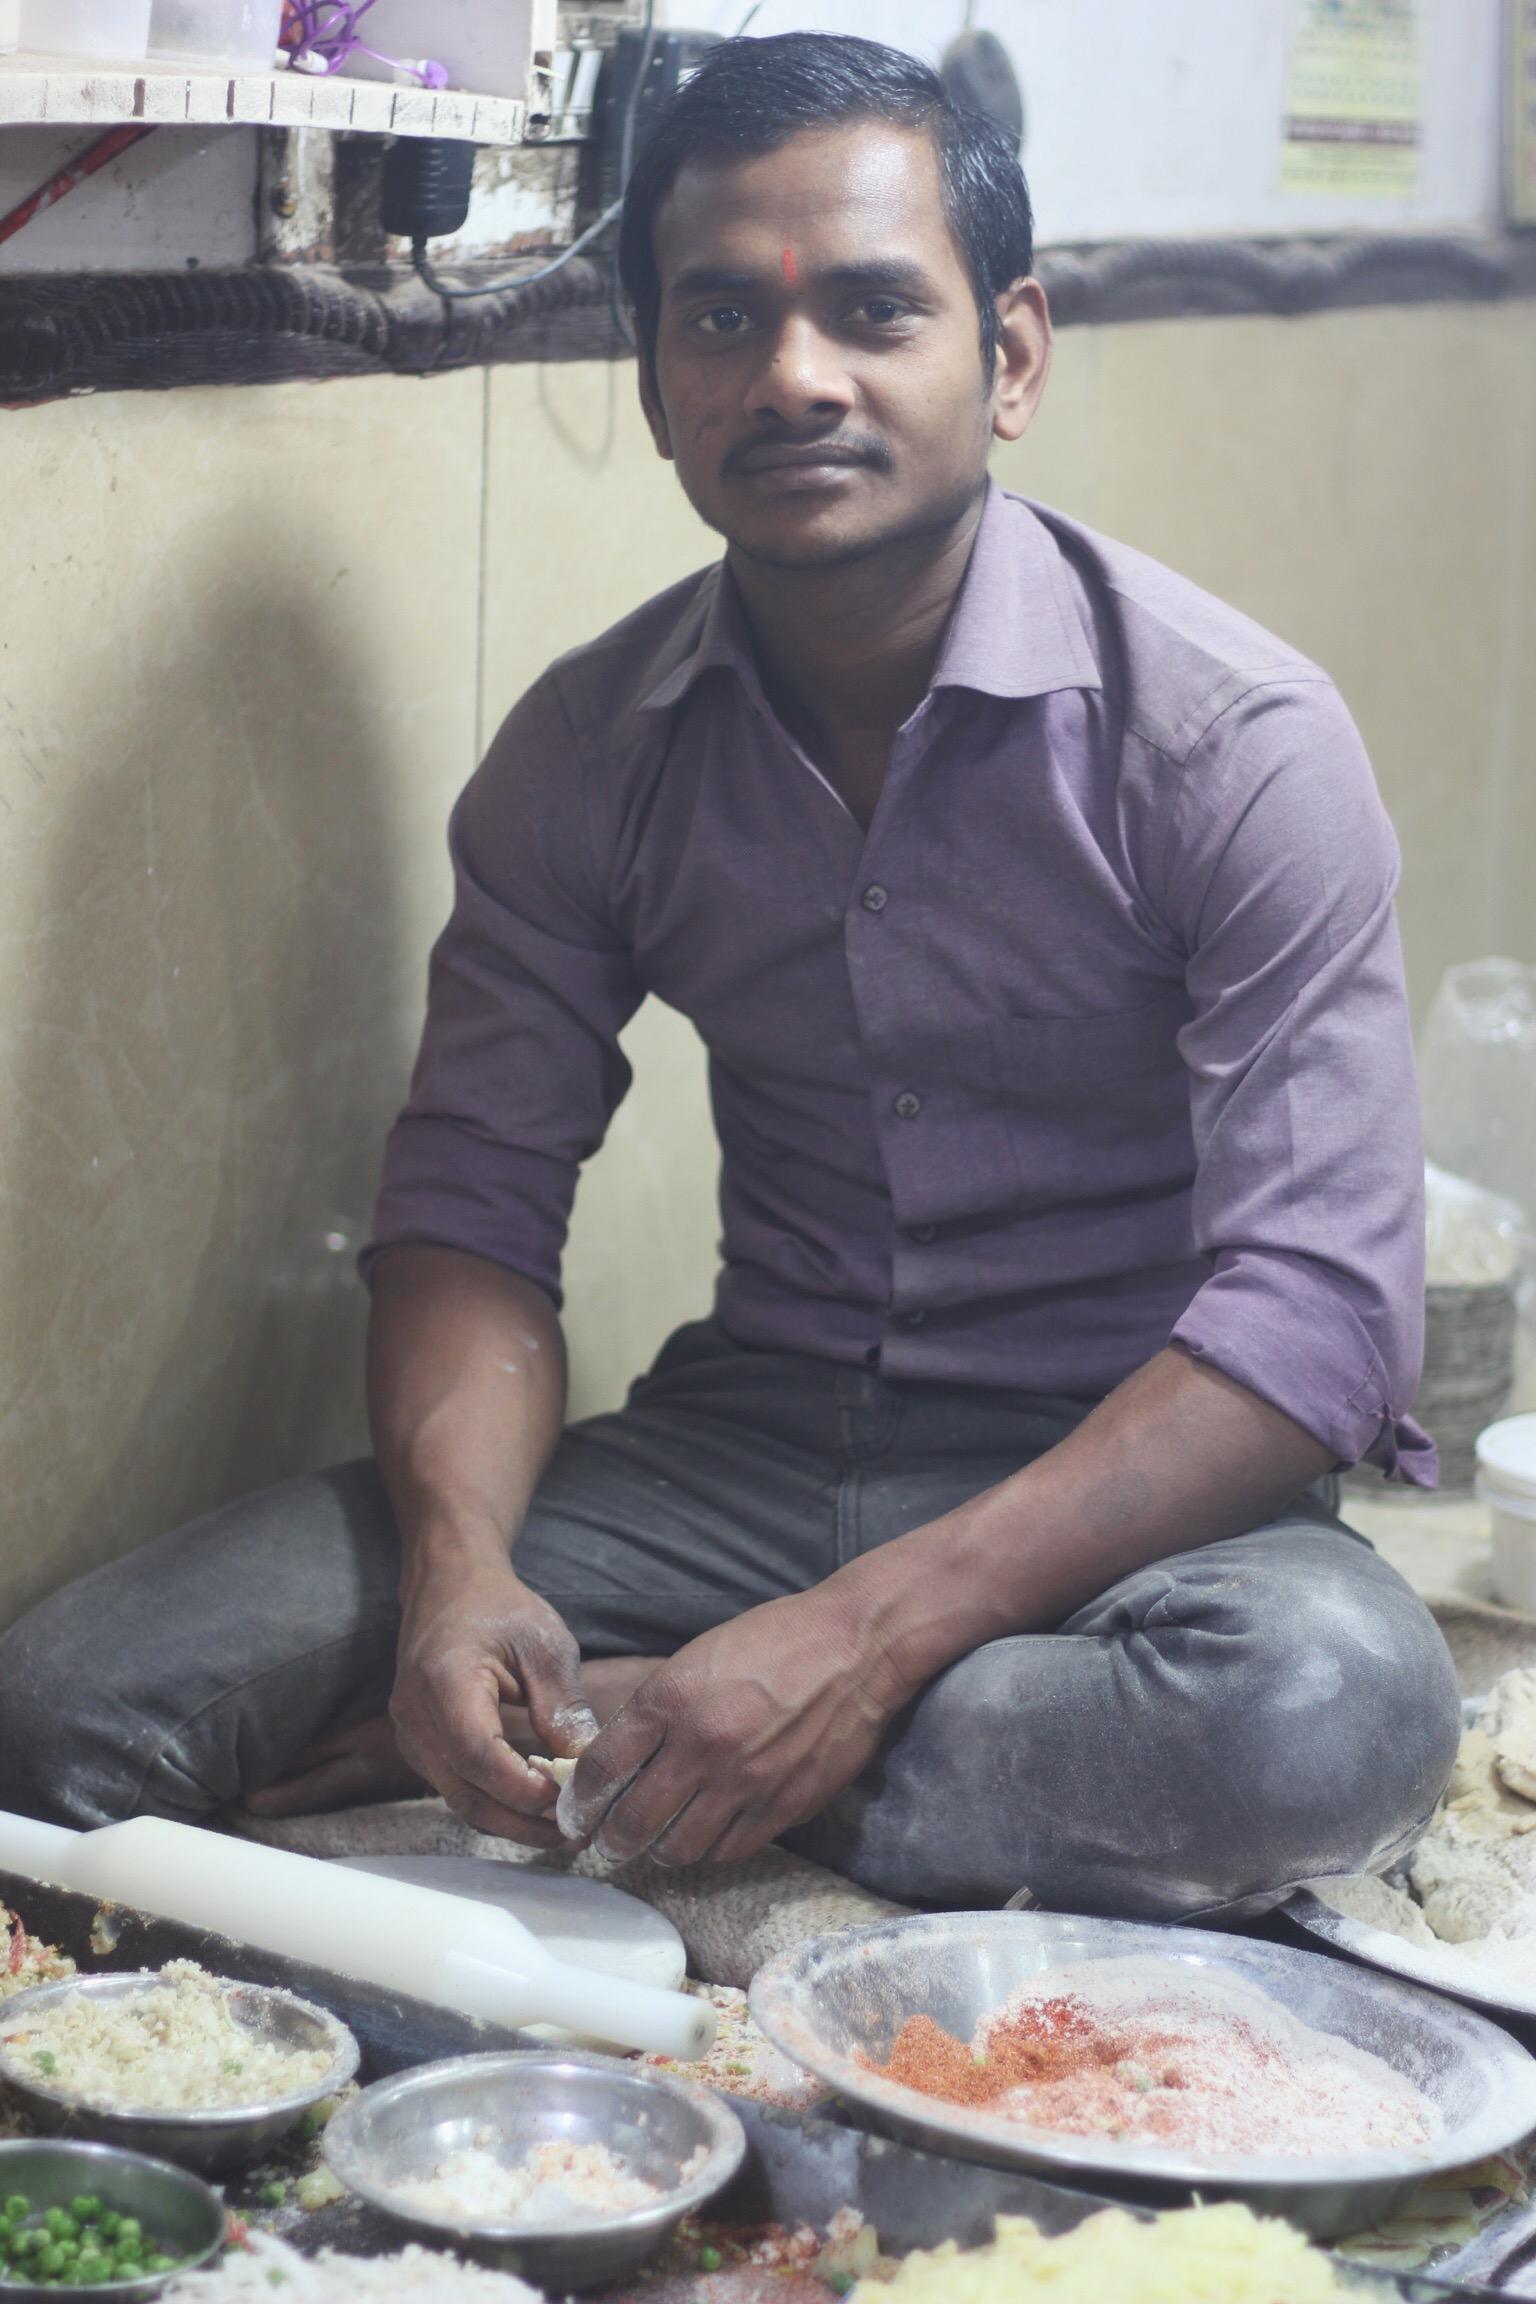 6th generation paratha master at Parantha Wali Gali, Delhi